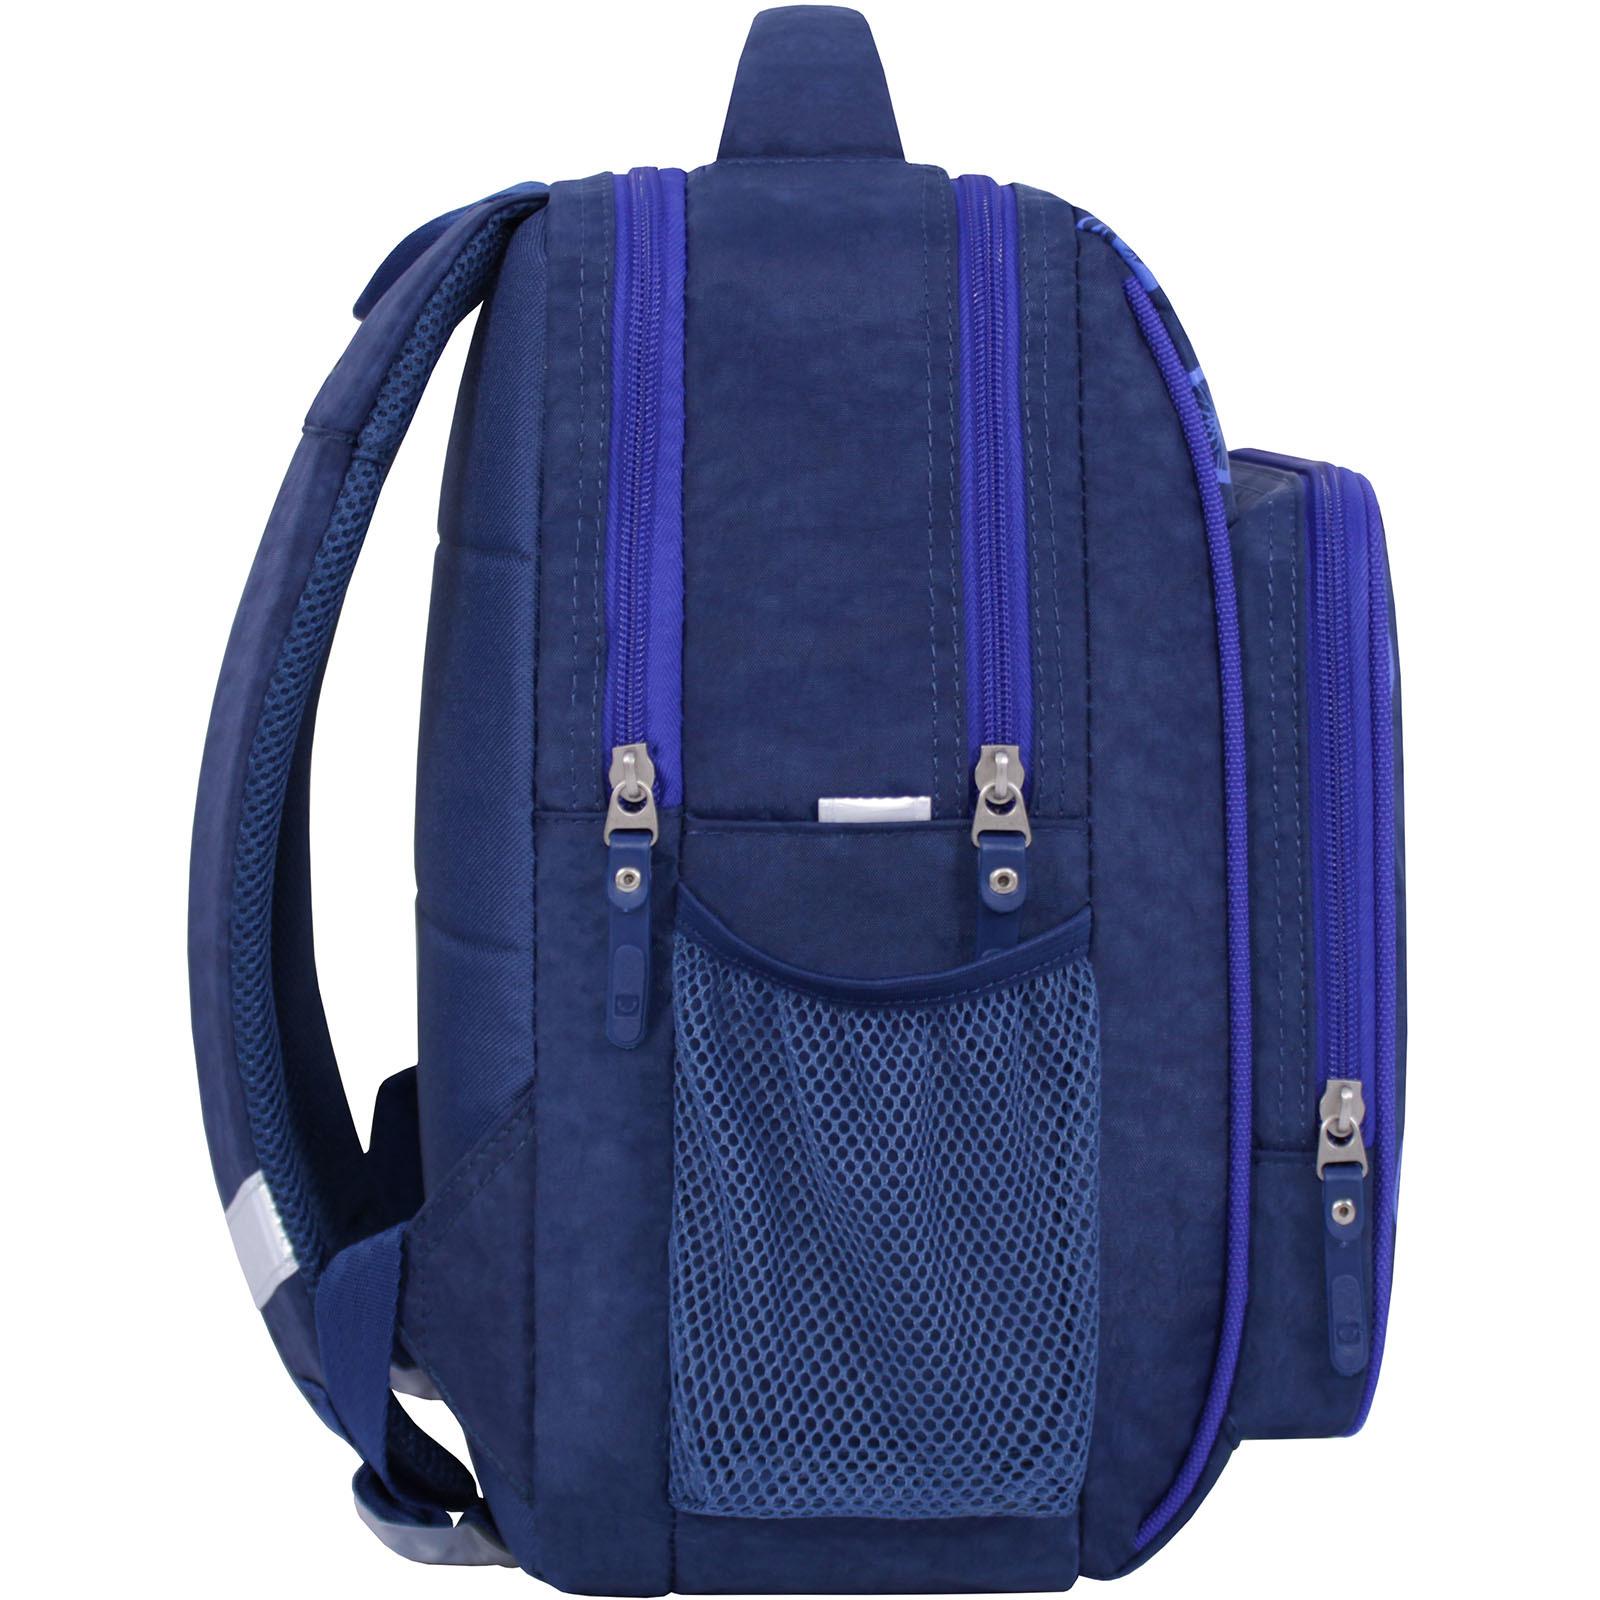 Рюкзак школьный Bagland Школьник 8 л. 225 синий 507 (00112702) фото 2